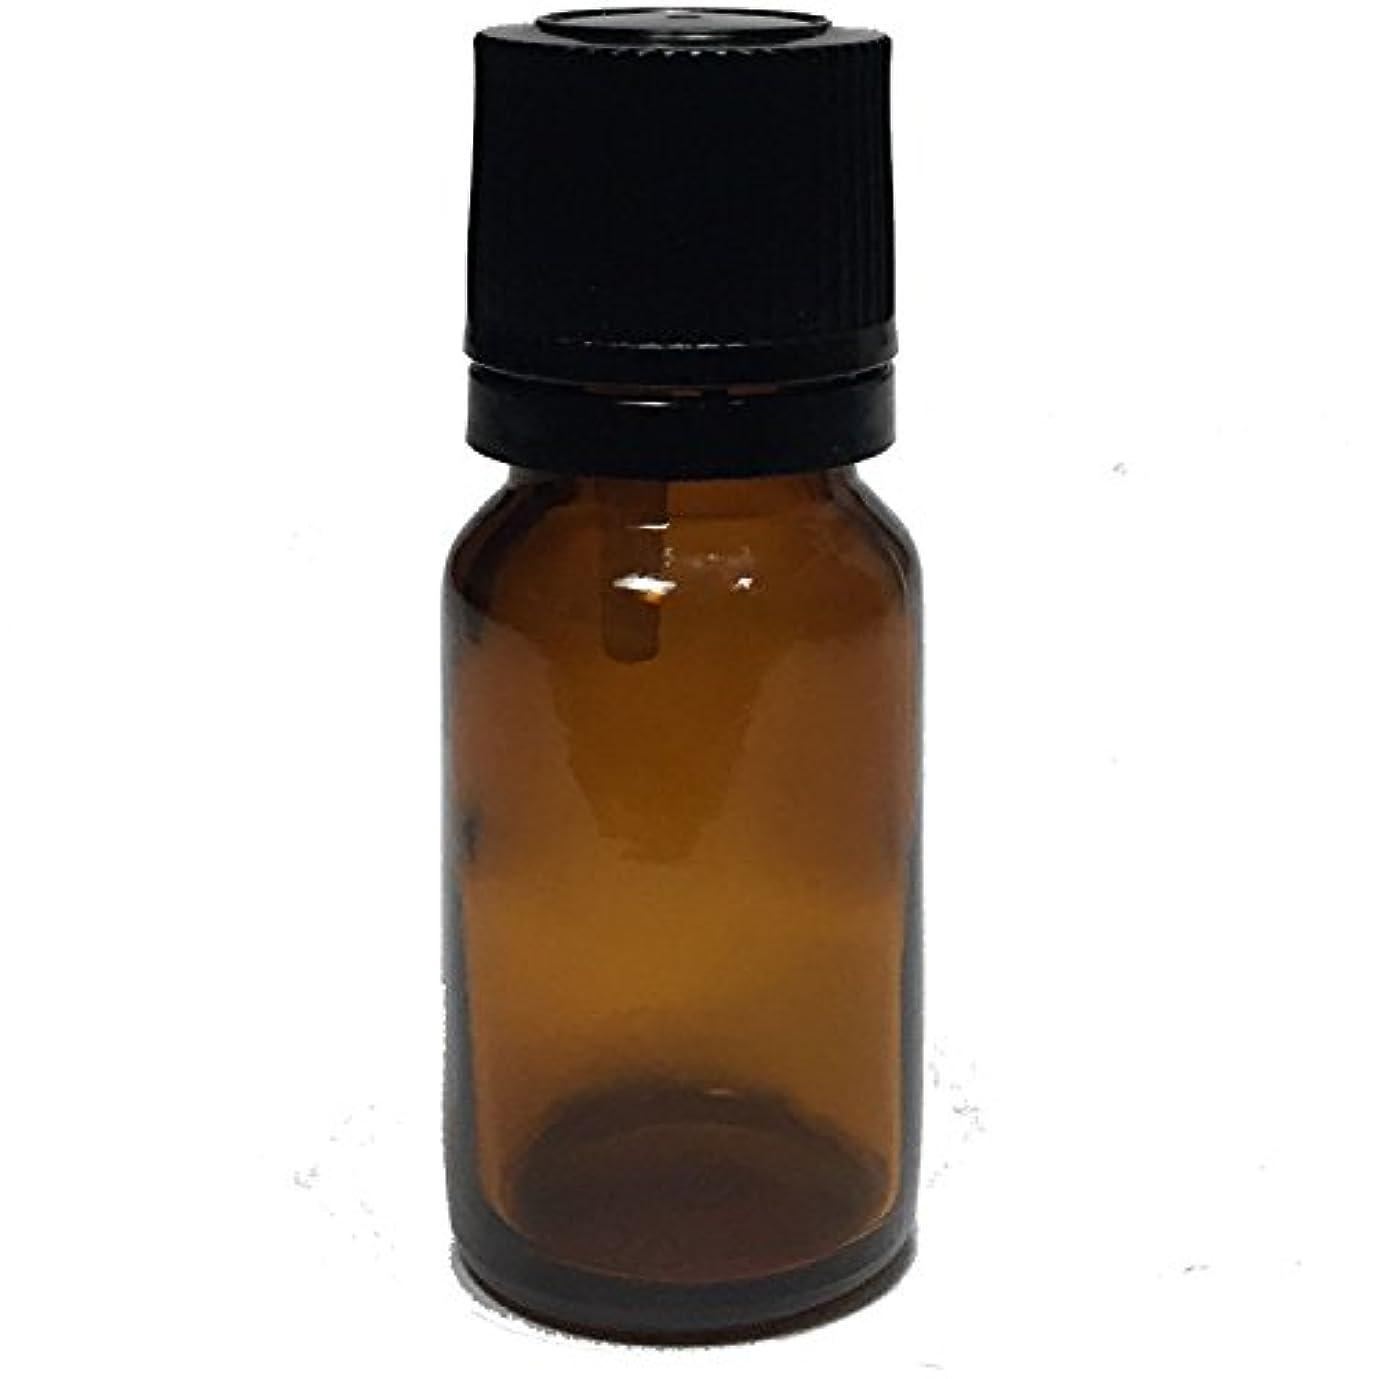 アプト尾下にエッセンシャルオイル用茶色遮光瓶 ドロッパー付き 黒キャップ 10ml ガラスビン 10本セット